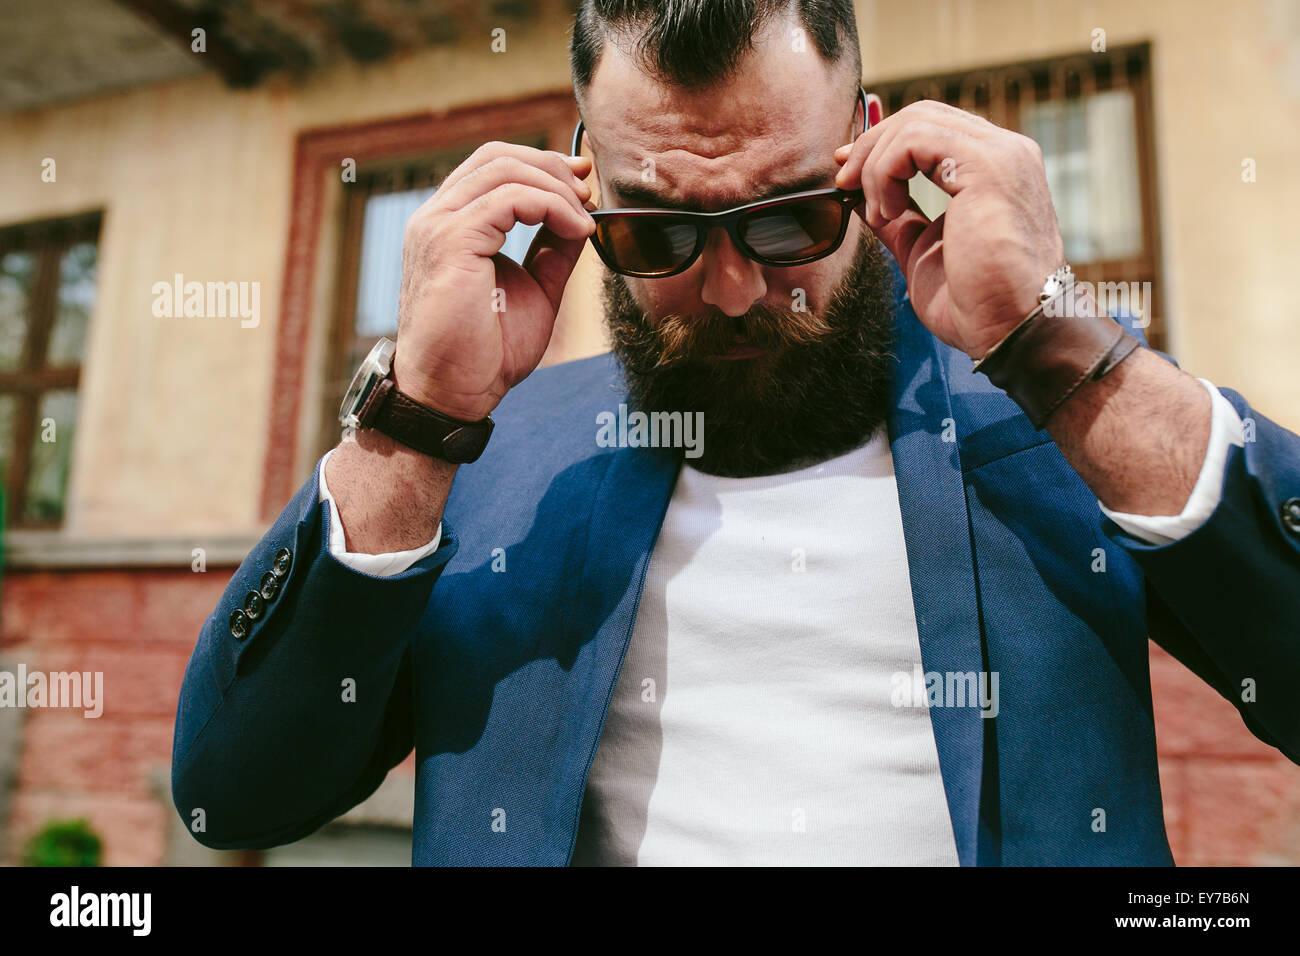 Fresco y elegante hombre barbado saca sus gafas Imagen De Stock